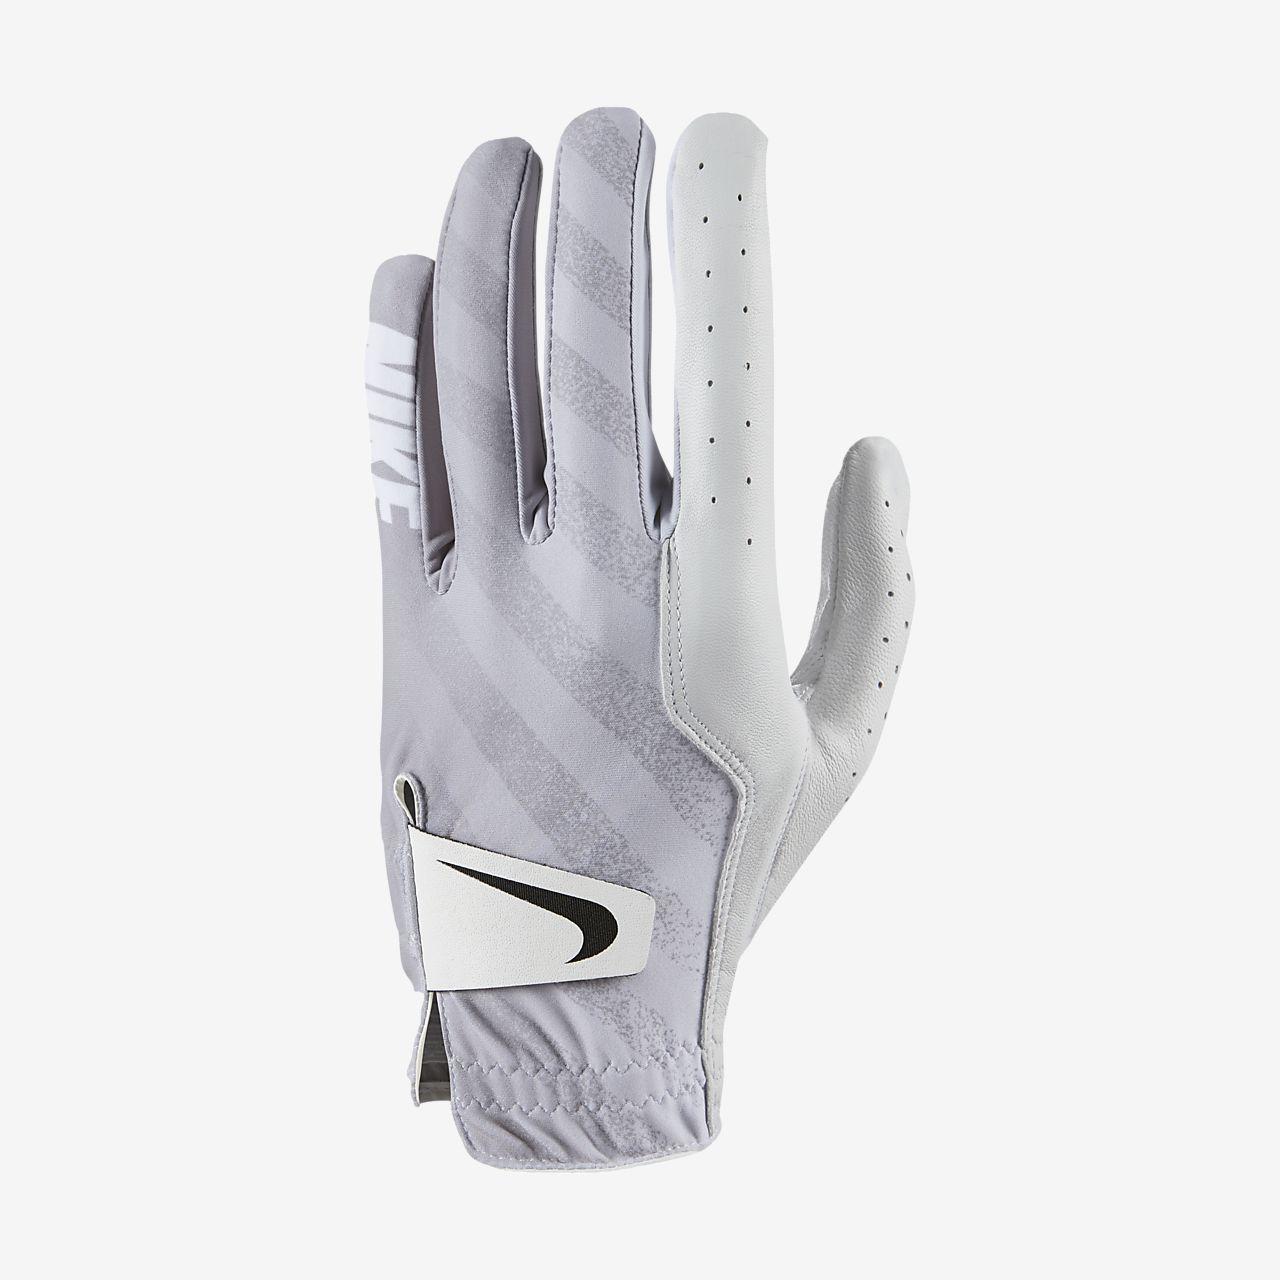 Nike Tech Herren-Golfhandschuh (Links regulär)